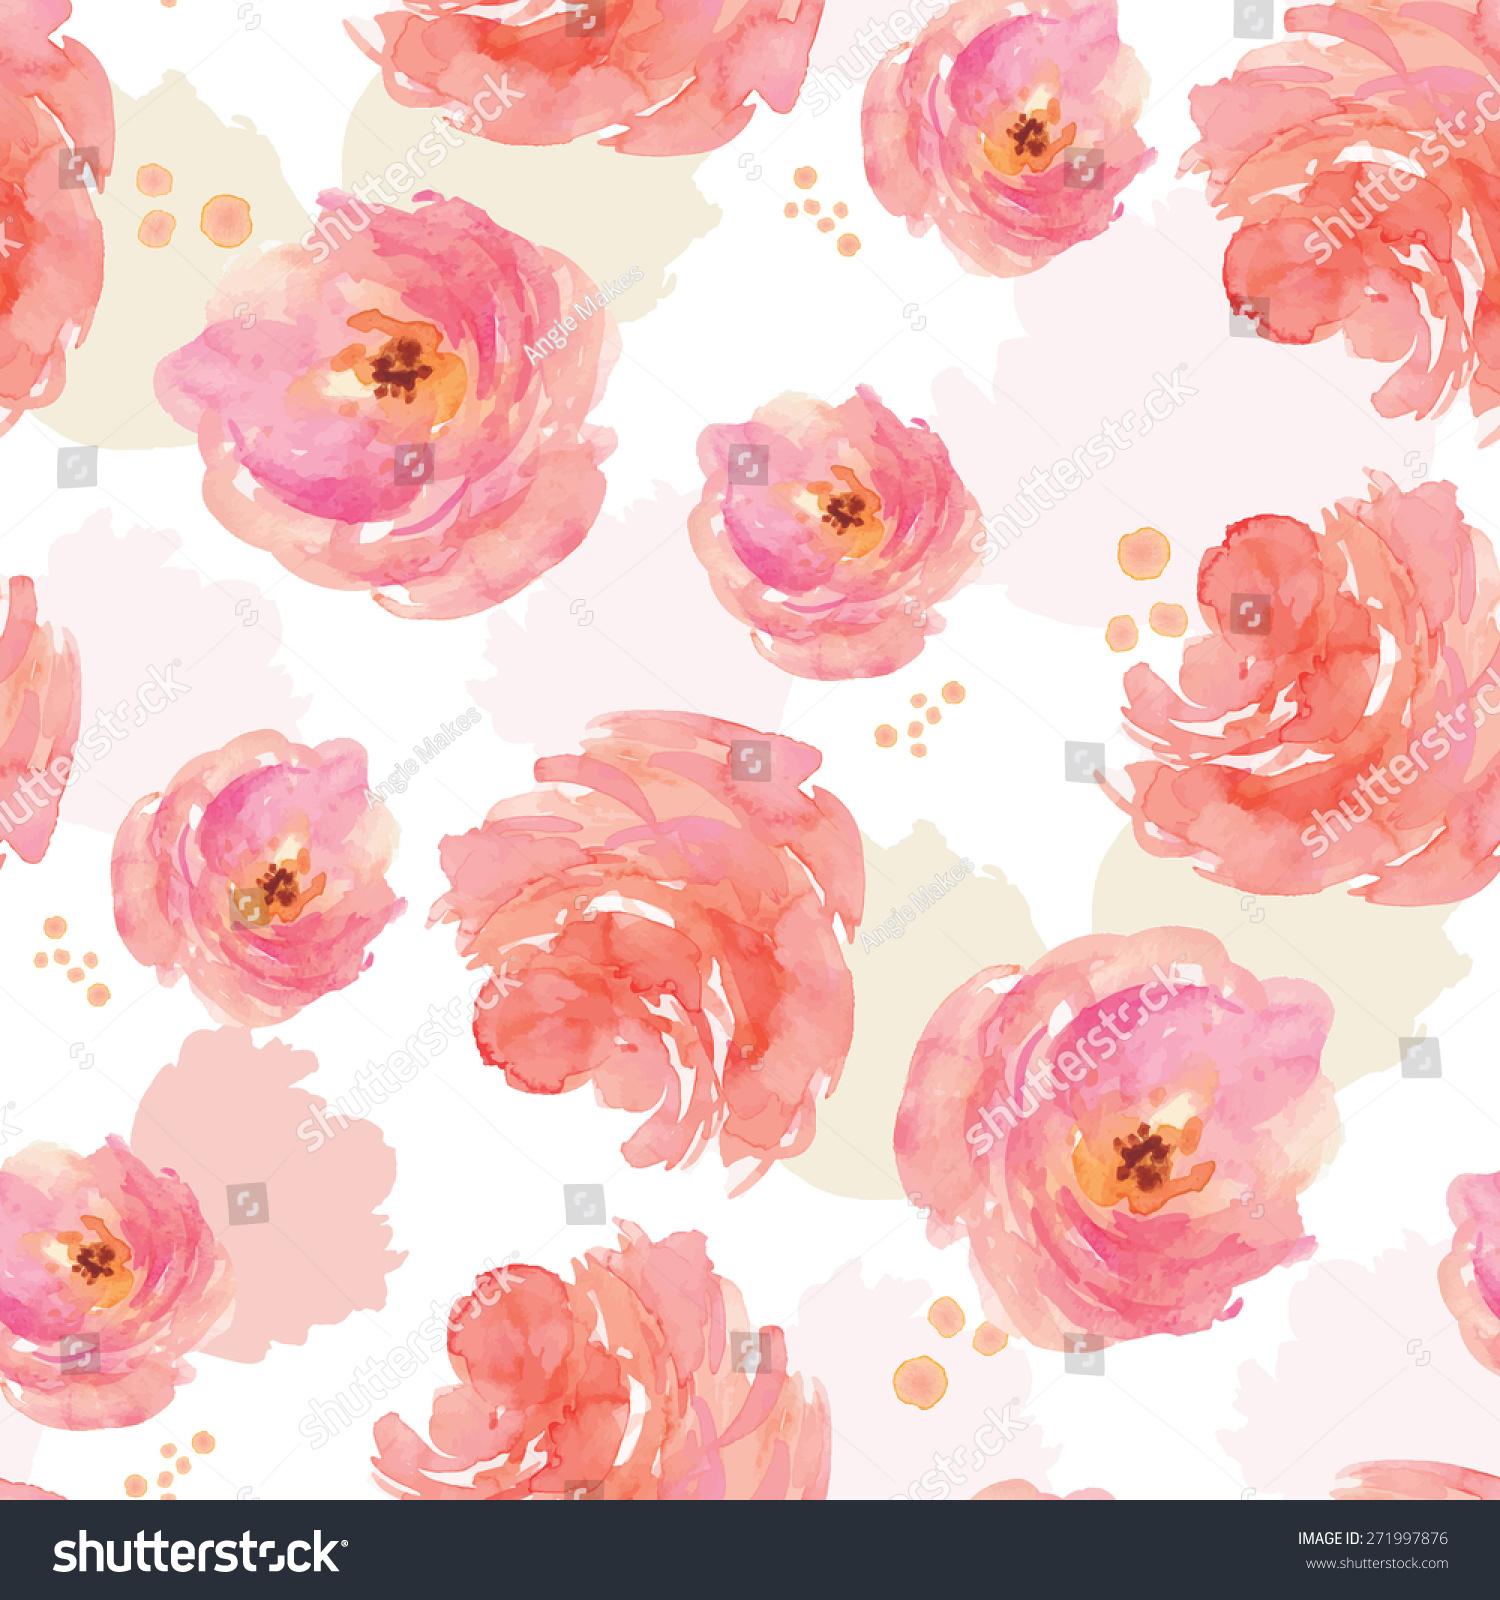 水彩牡丹花朵背景图案.重复画花卉图案-背景/素材-()